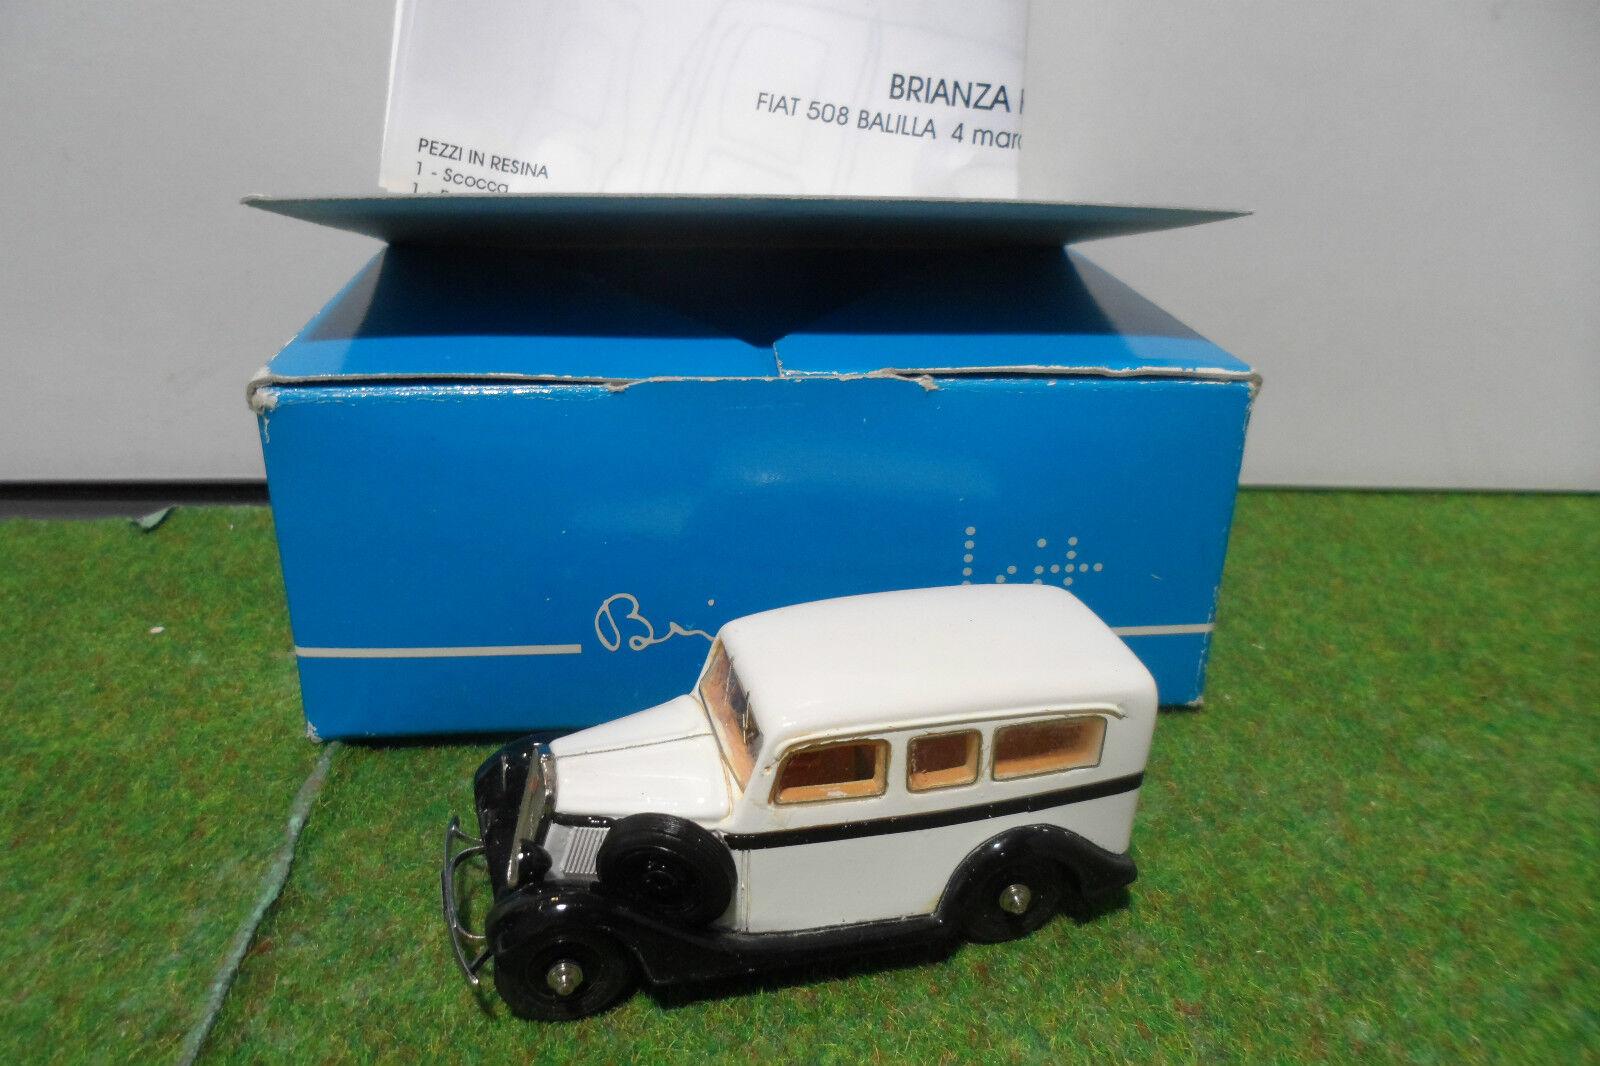 FIAT  508 BALILLA 4 MARCE AMBULANZA 1934 KIT MONTE au 1 43 de ABC BRIANZA BRK06A